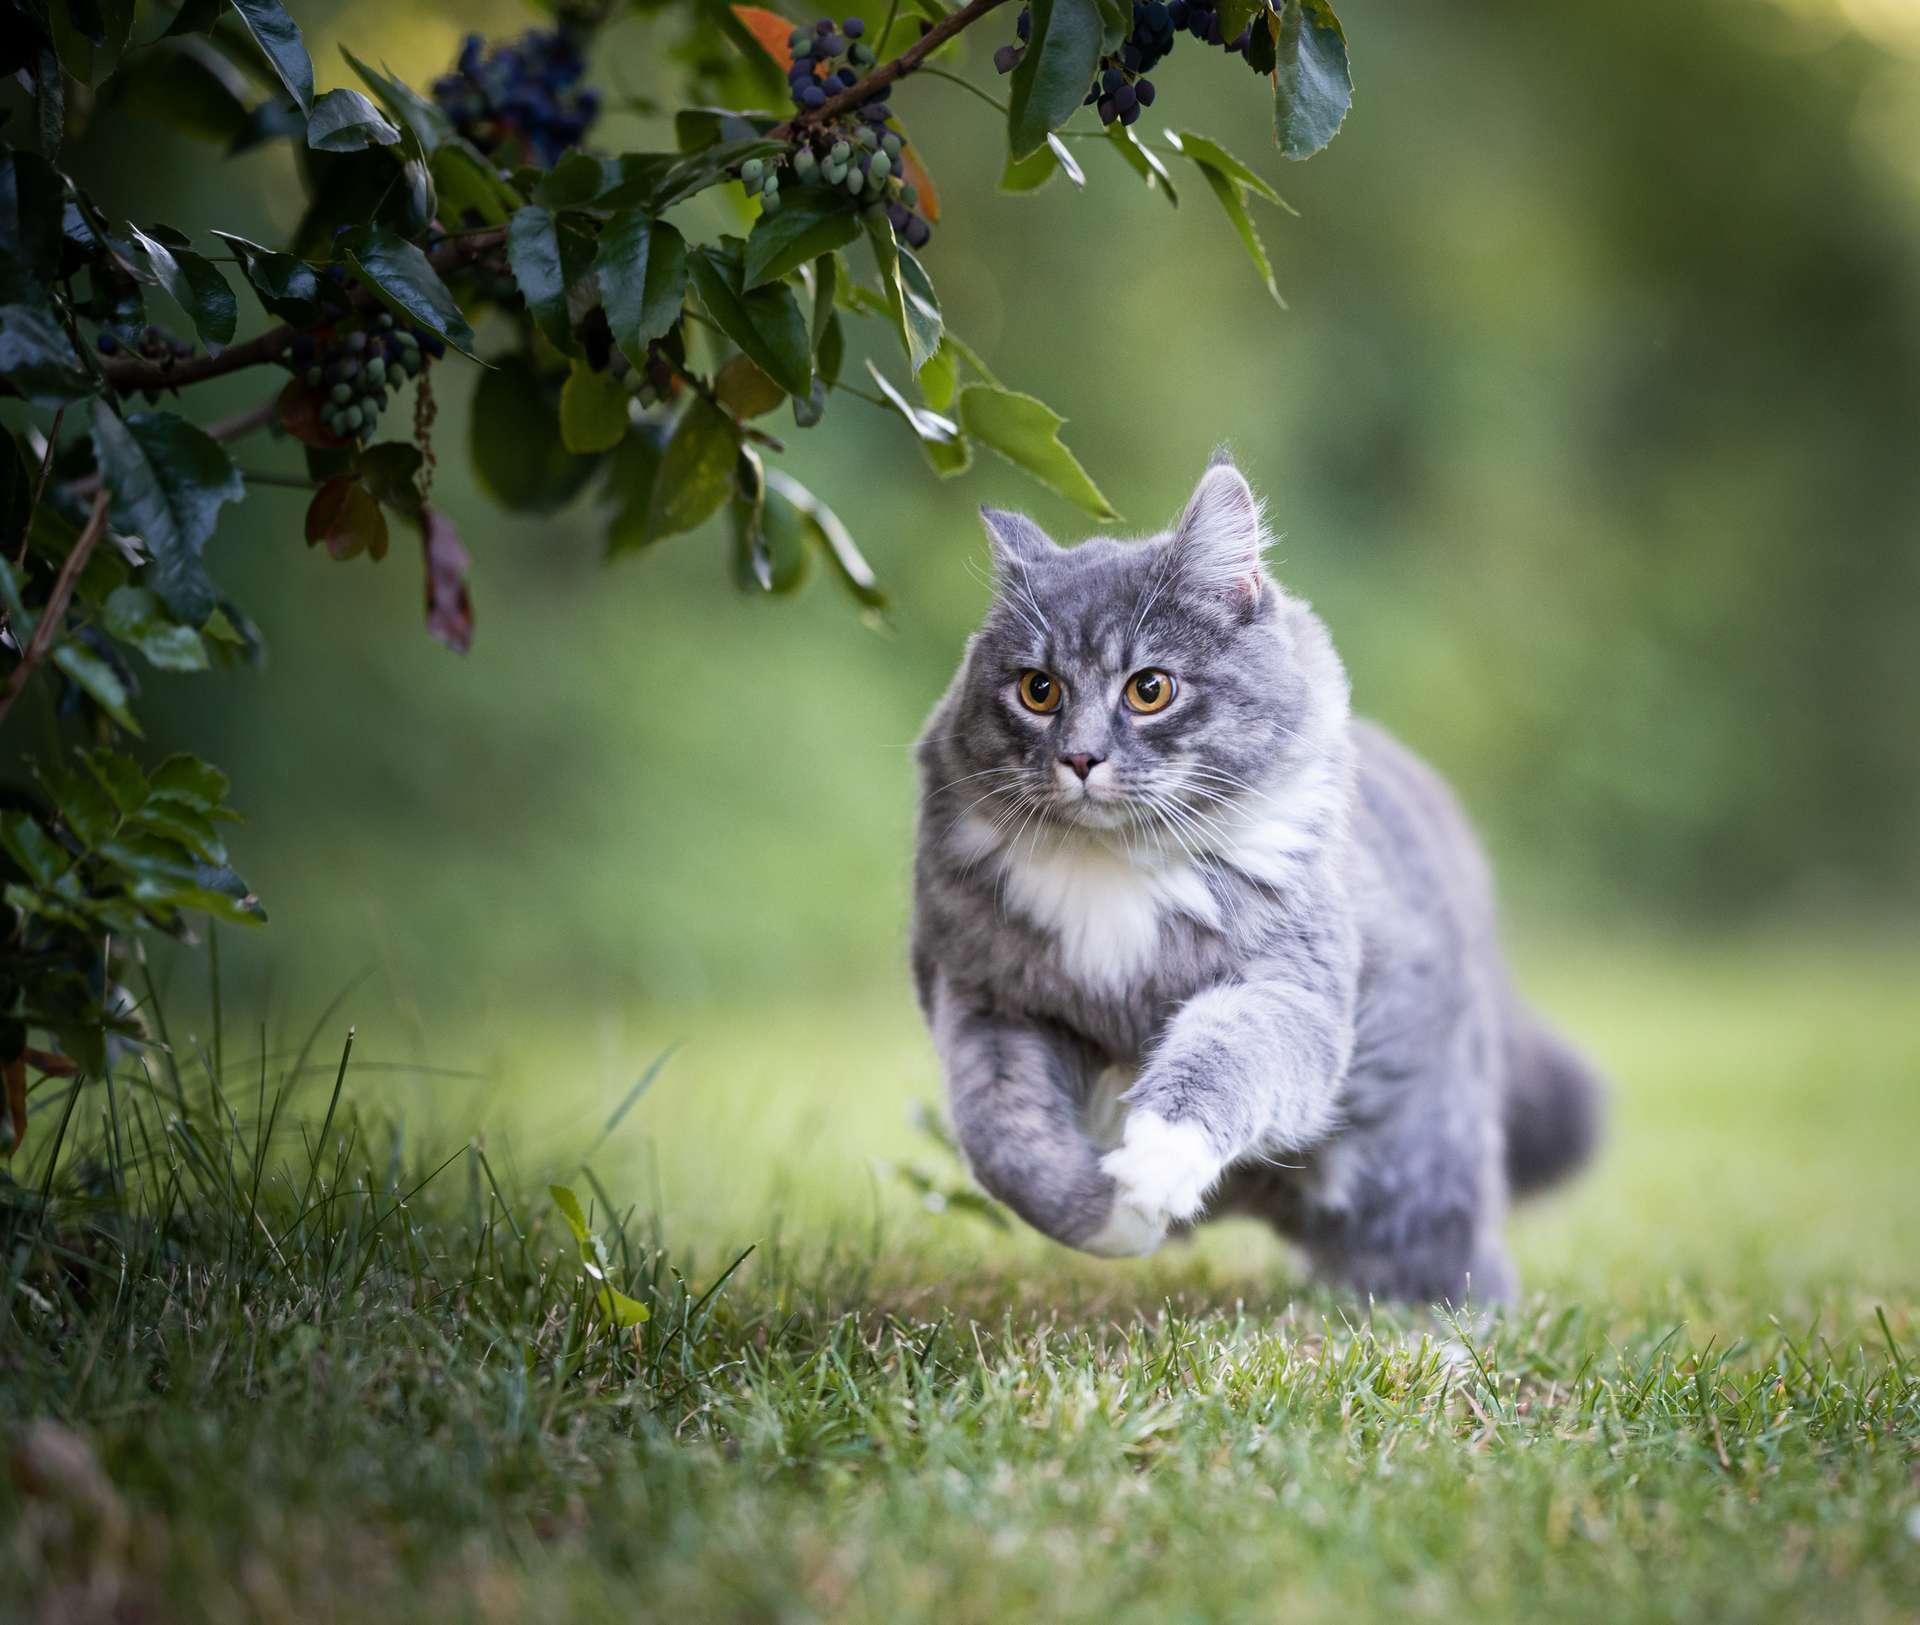 Un chat souffrant d'arthrite ne boite pas et ne miaule pas davantage que d'habitude. Il continue à faire les mêmes activités mais avec un peu plus de difficultés. Une fois traité correctement, il retrouve les mêmes agilités et énergies qu'avant ! © FurryFritz, Adobe Stock